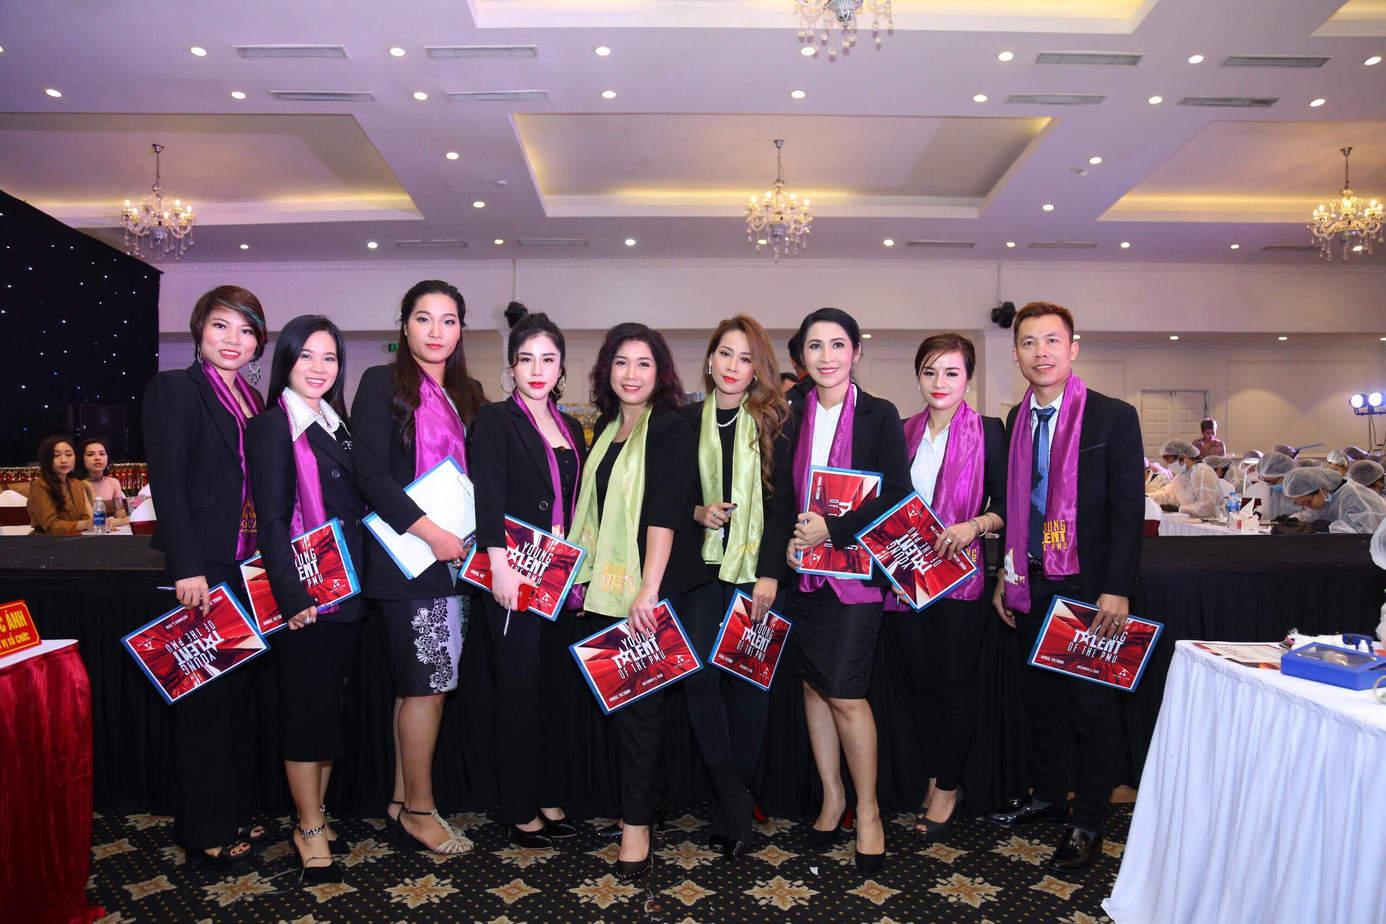 miss tram tham gia giam khao cac cuoc thi phun xam han quoc - Master Đồng Bảo Trâm và Hành Trình 15 Năm Gieo Cái Đẹp